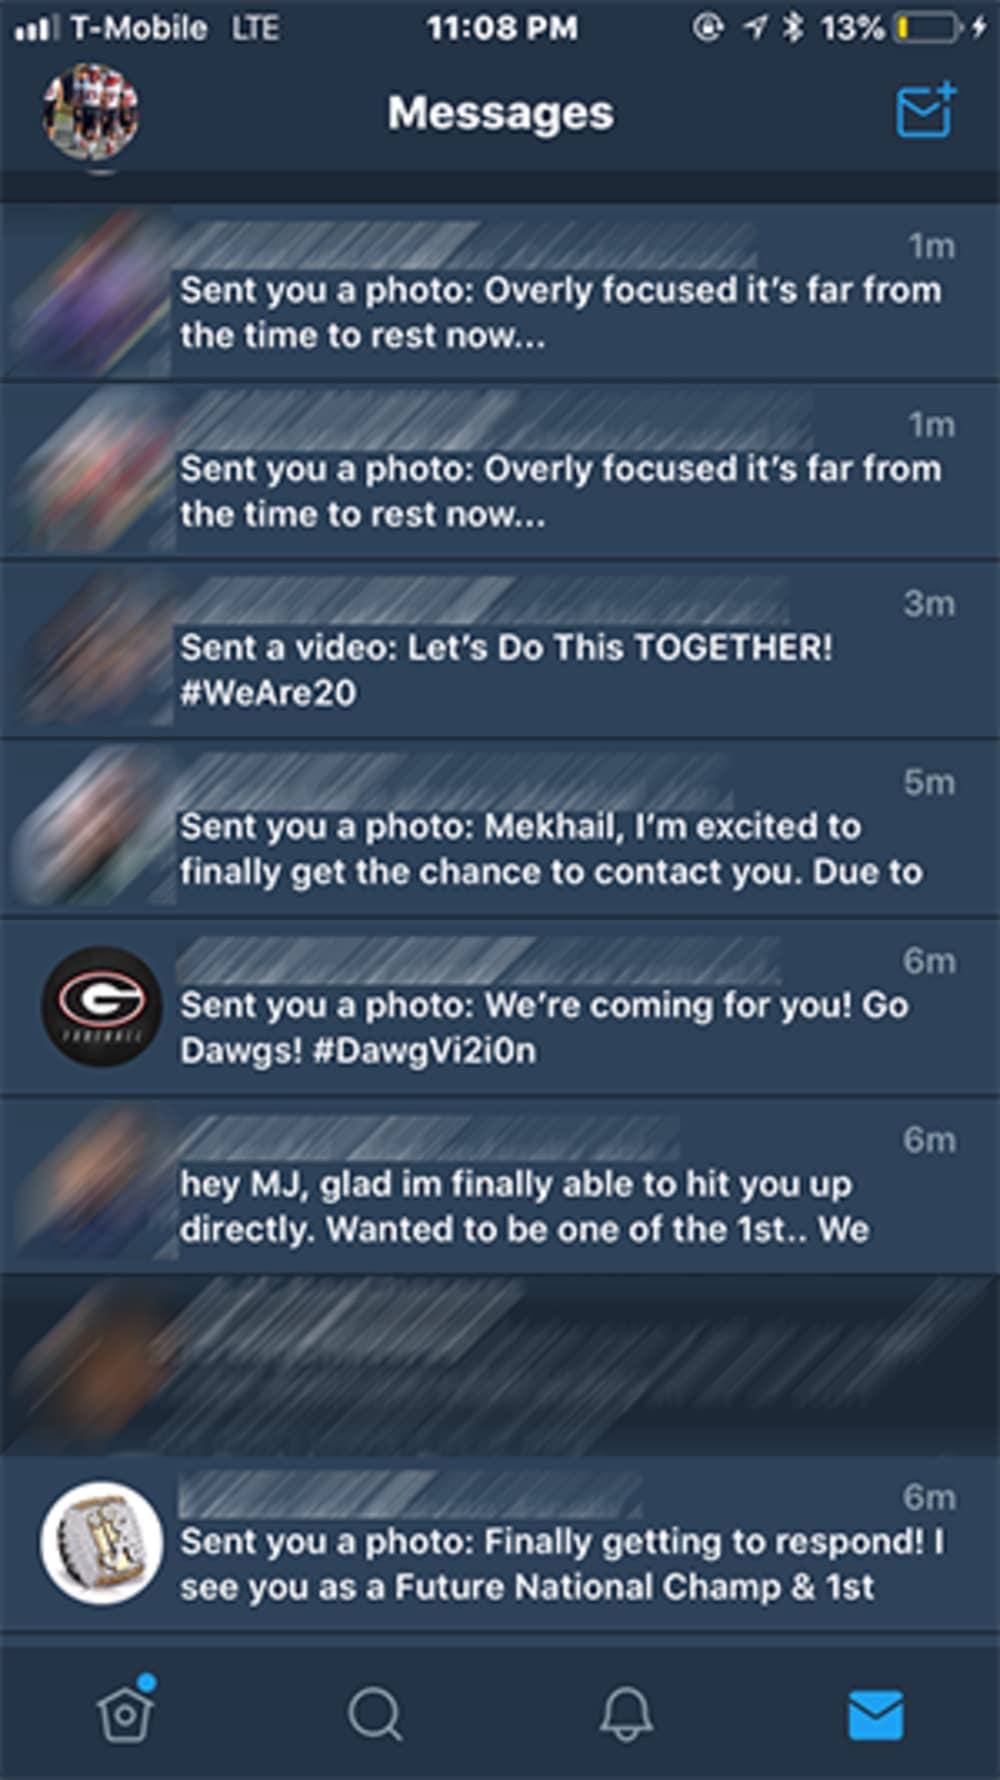 mekhail sherman football-mekhail sherman recruit-mekhail sherman twitter-mekhail sherman ohio state